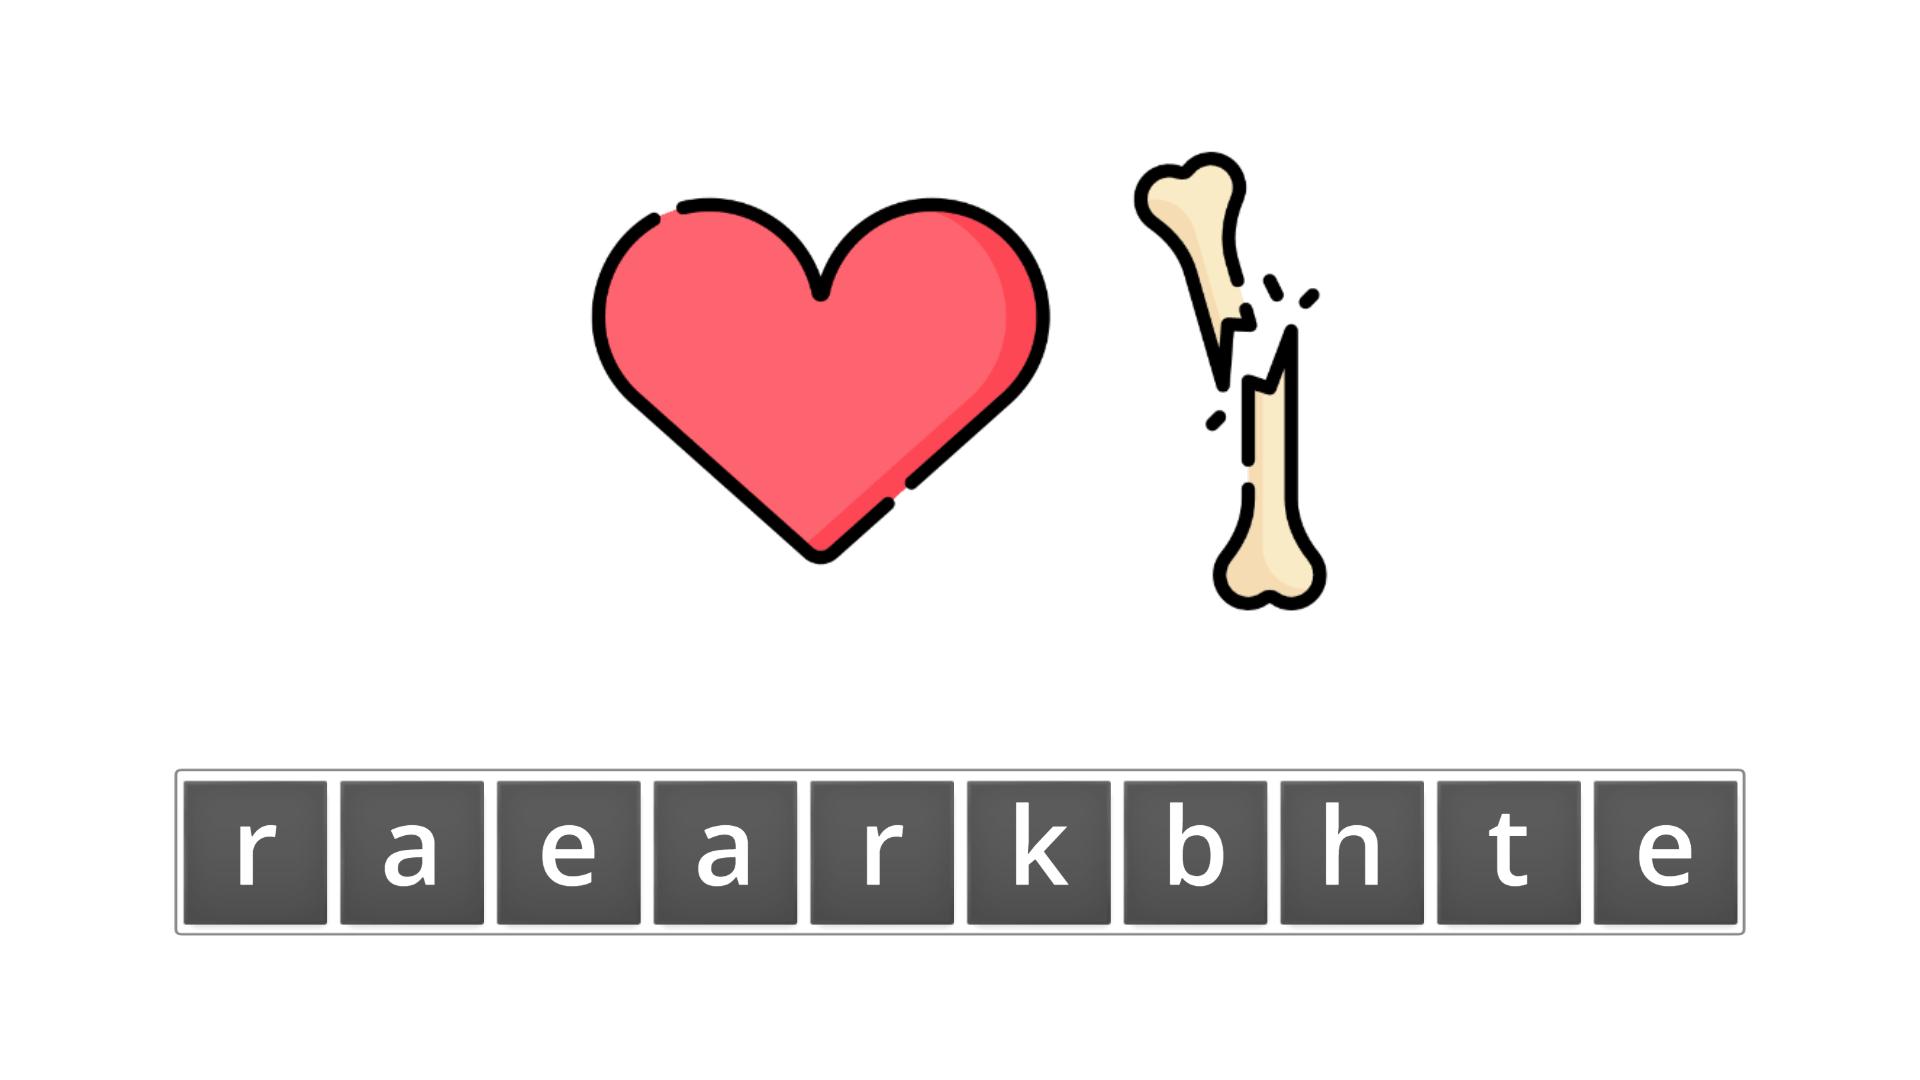 esl resources - flashcards - compound nouns - unscramble - hearbreak